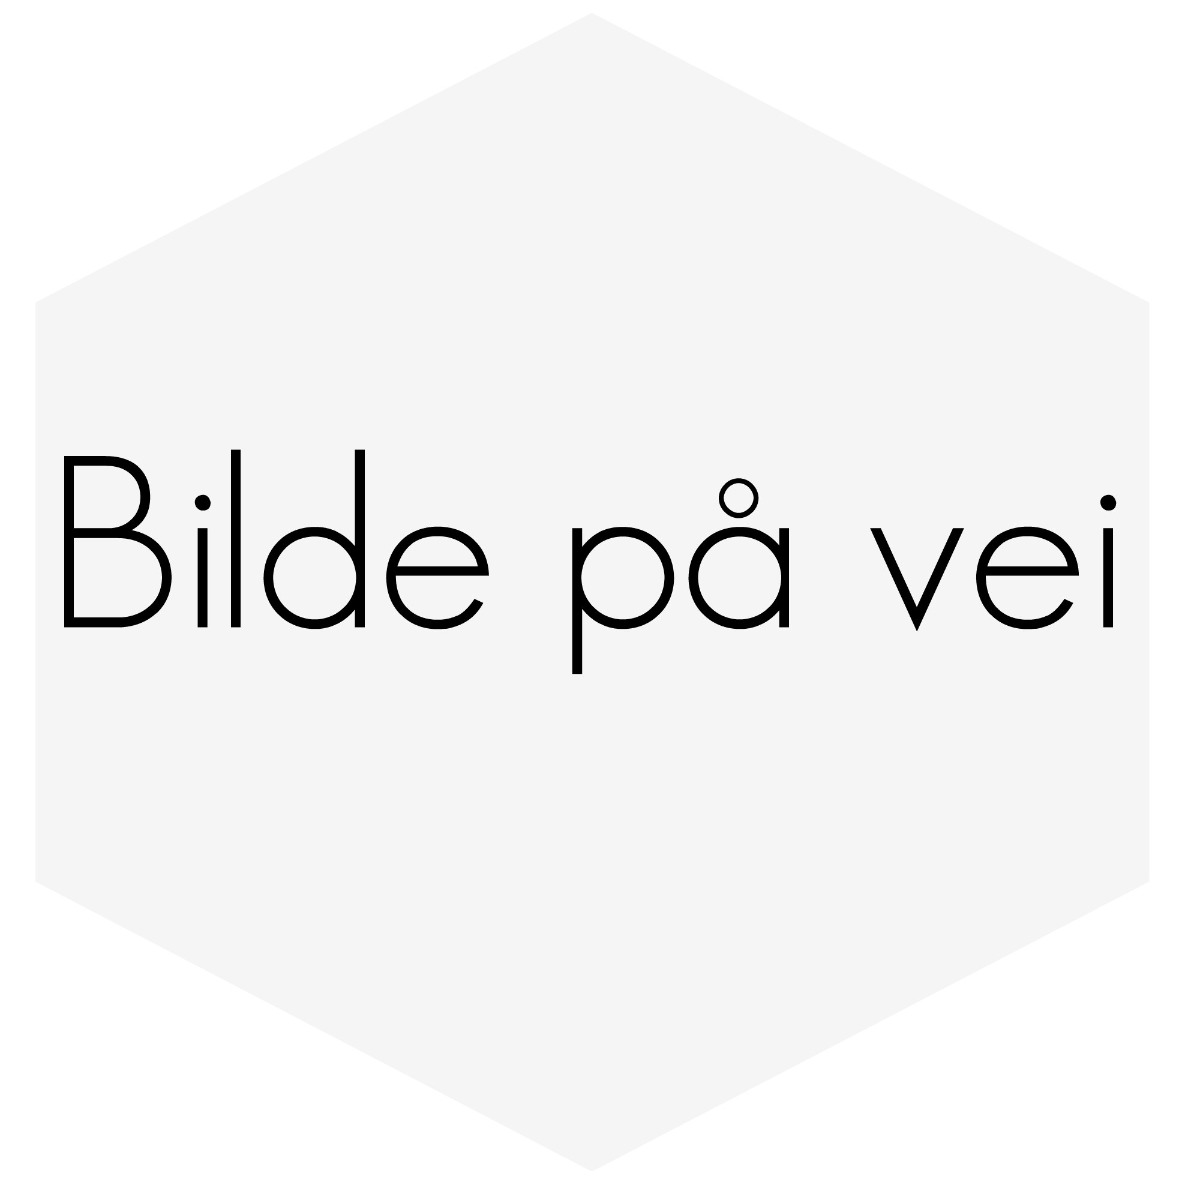 RÅDE/VEIVSTAKE B21/23 24MM HYLSE/FORING OVERHALT BYTTE